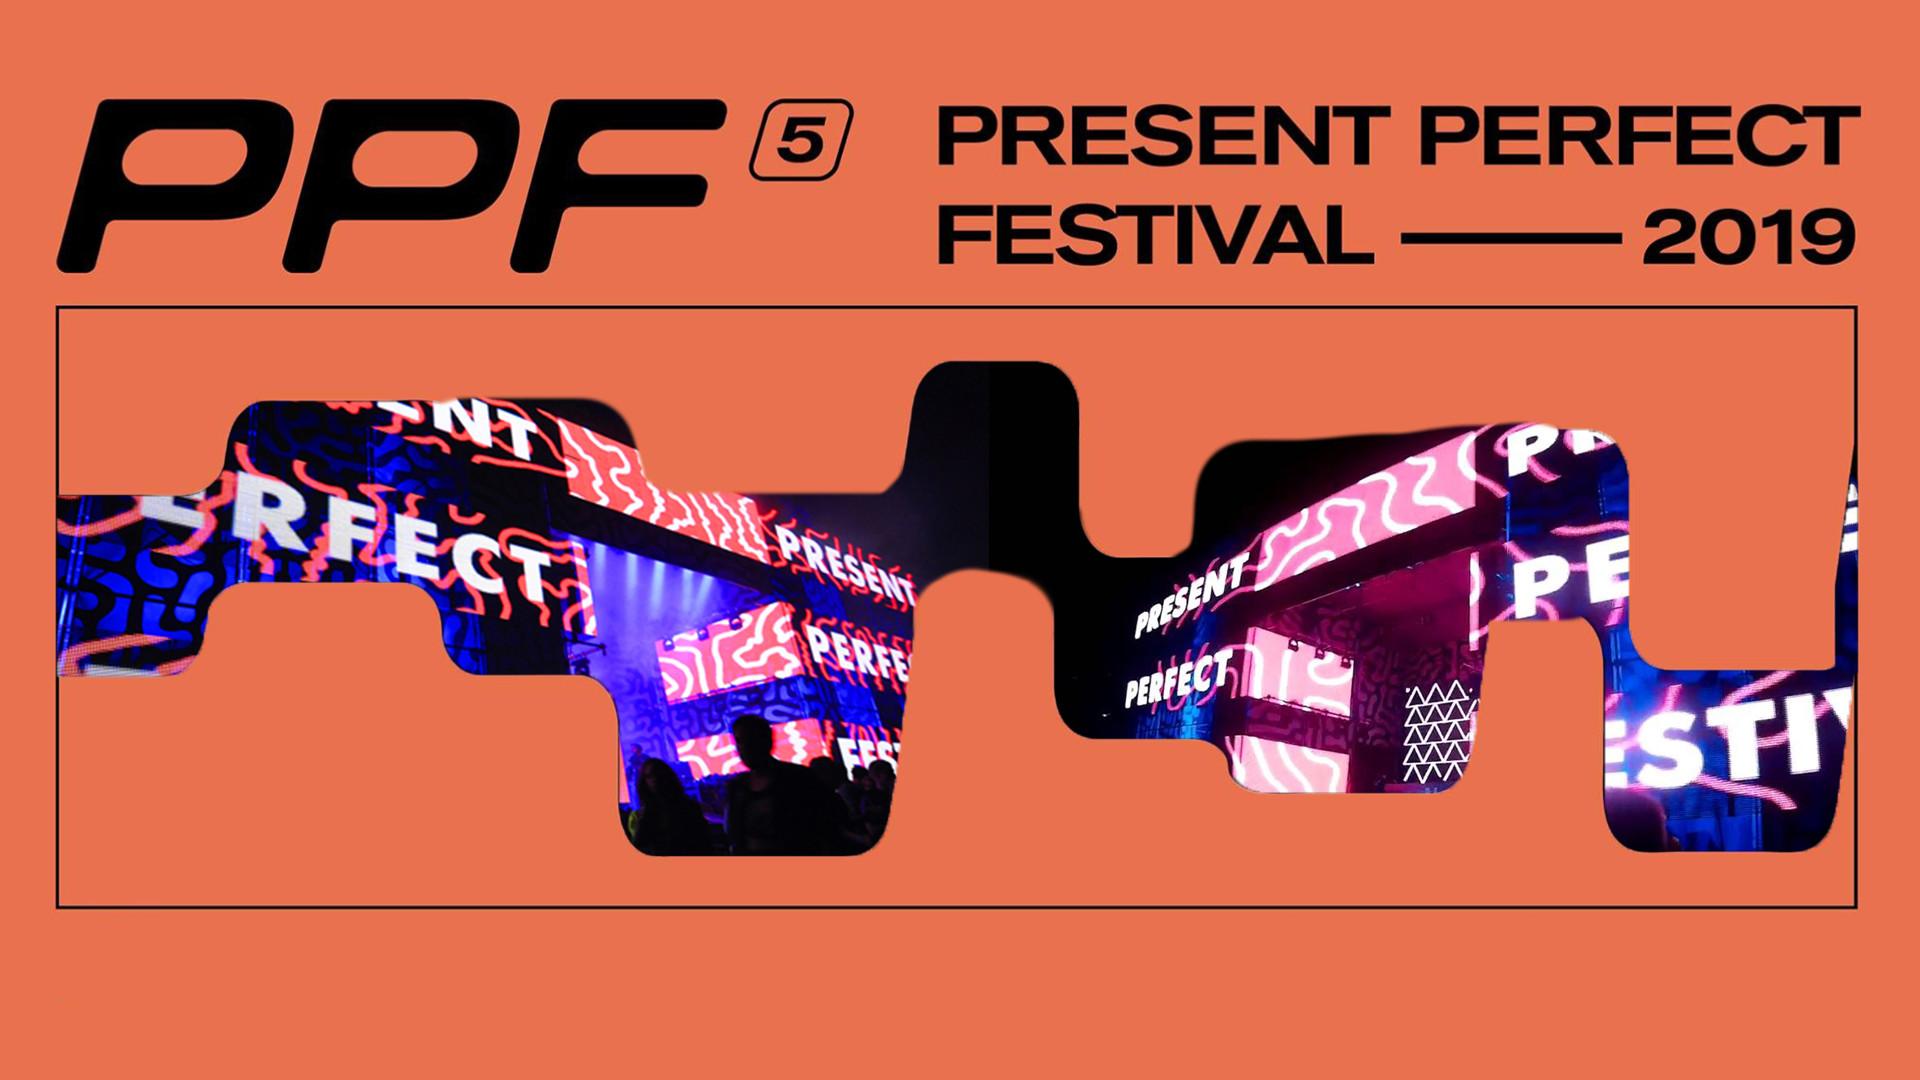 Present Perfect Festival